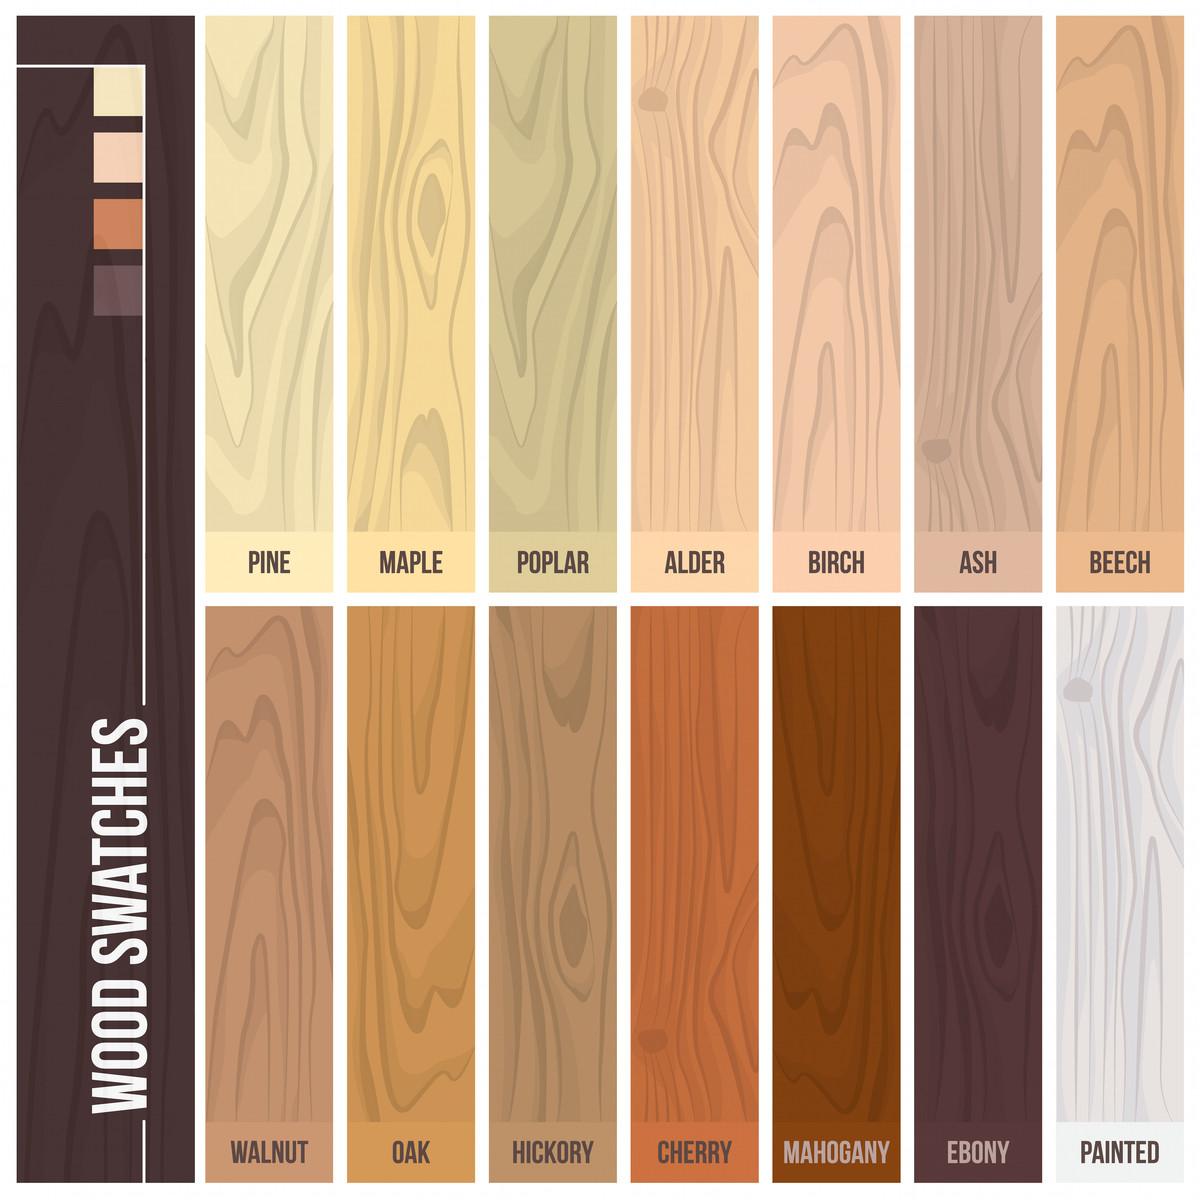 5 maple hardwood flooring of 12 types of hardwood flooring species styles edging dimensions in types of hardwood flooring illustrated guide